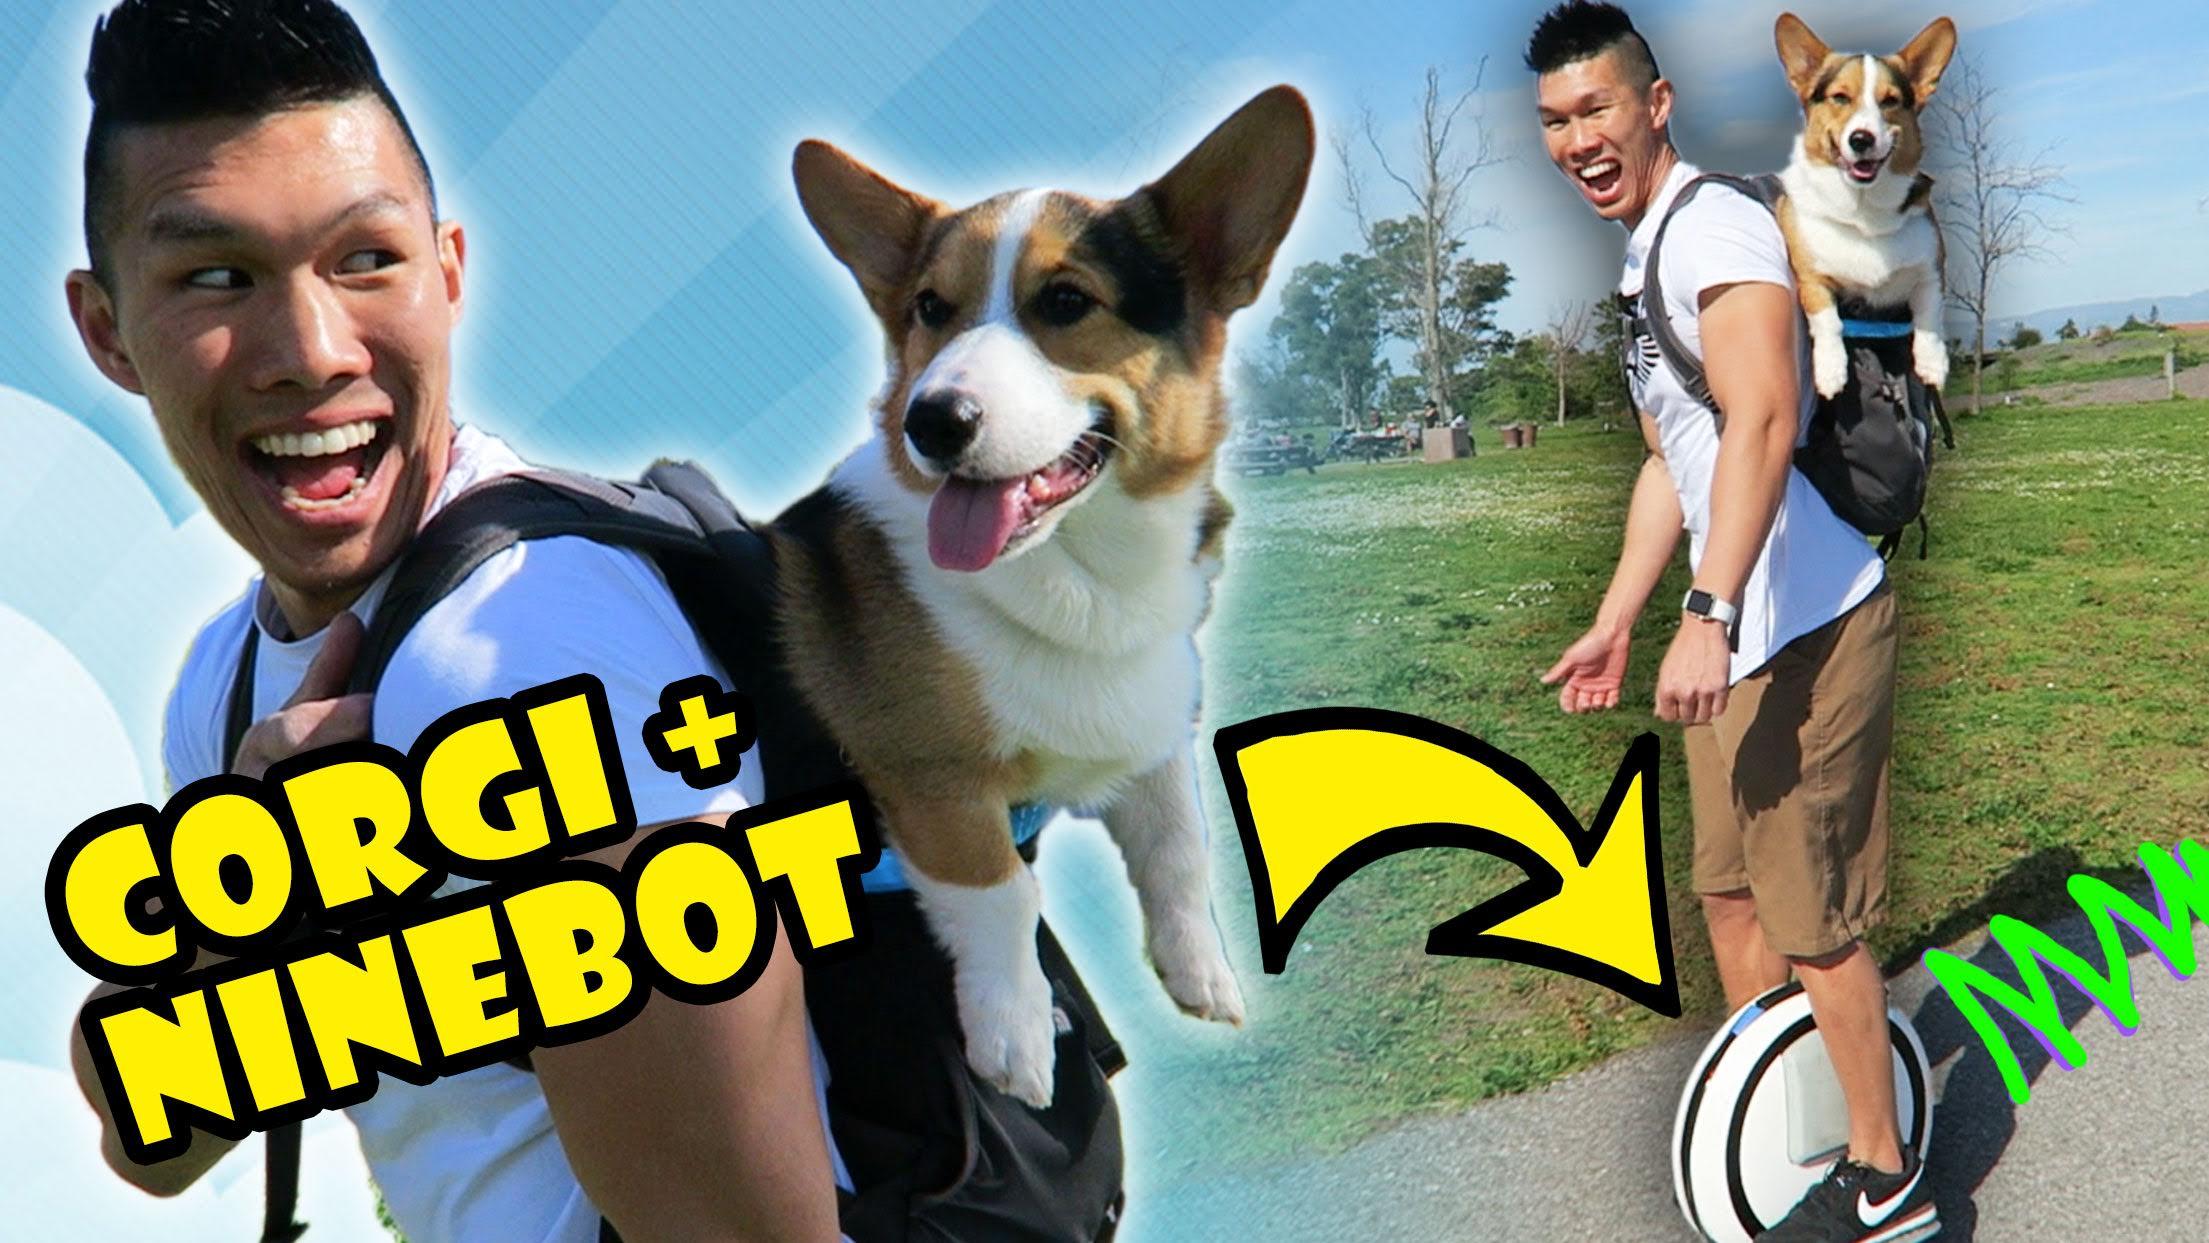 CORGI DOG IN BACKPACK RIDES NINEBOT HOVERBOARD